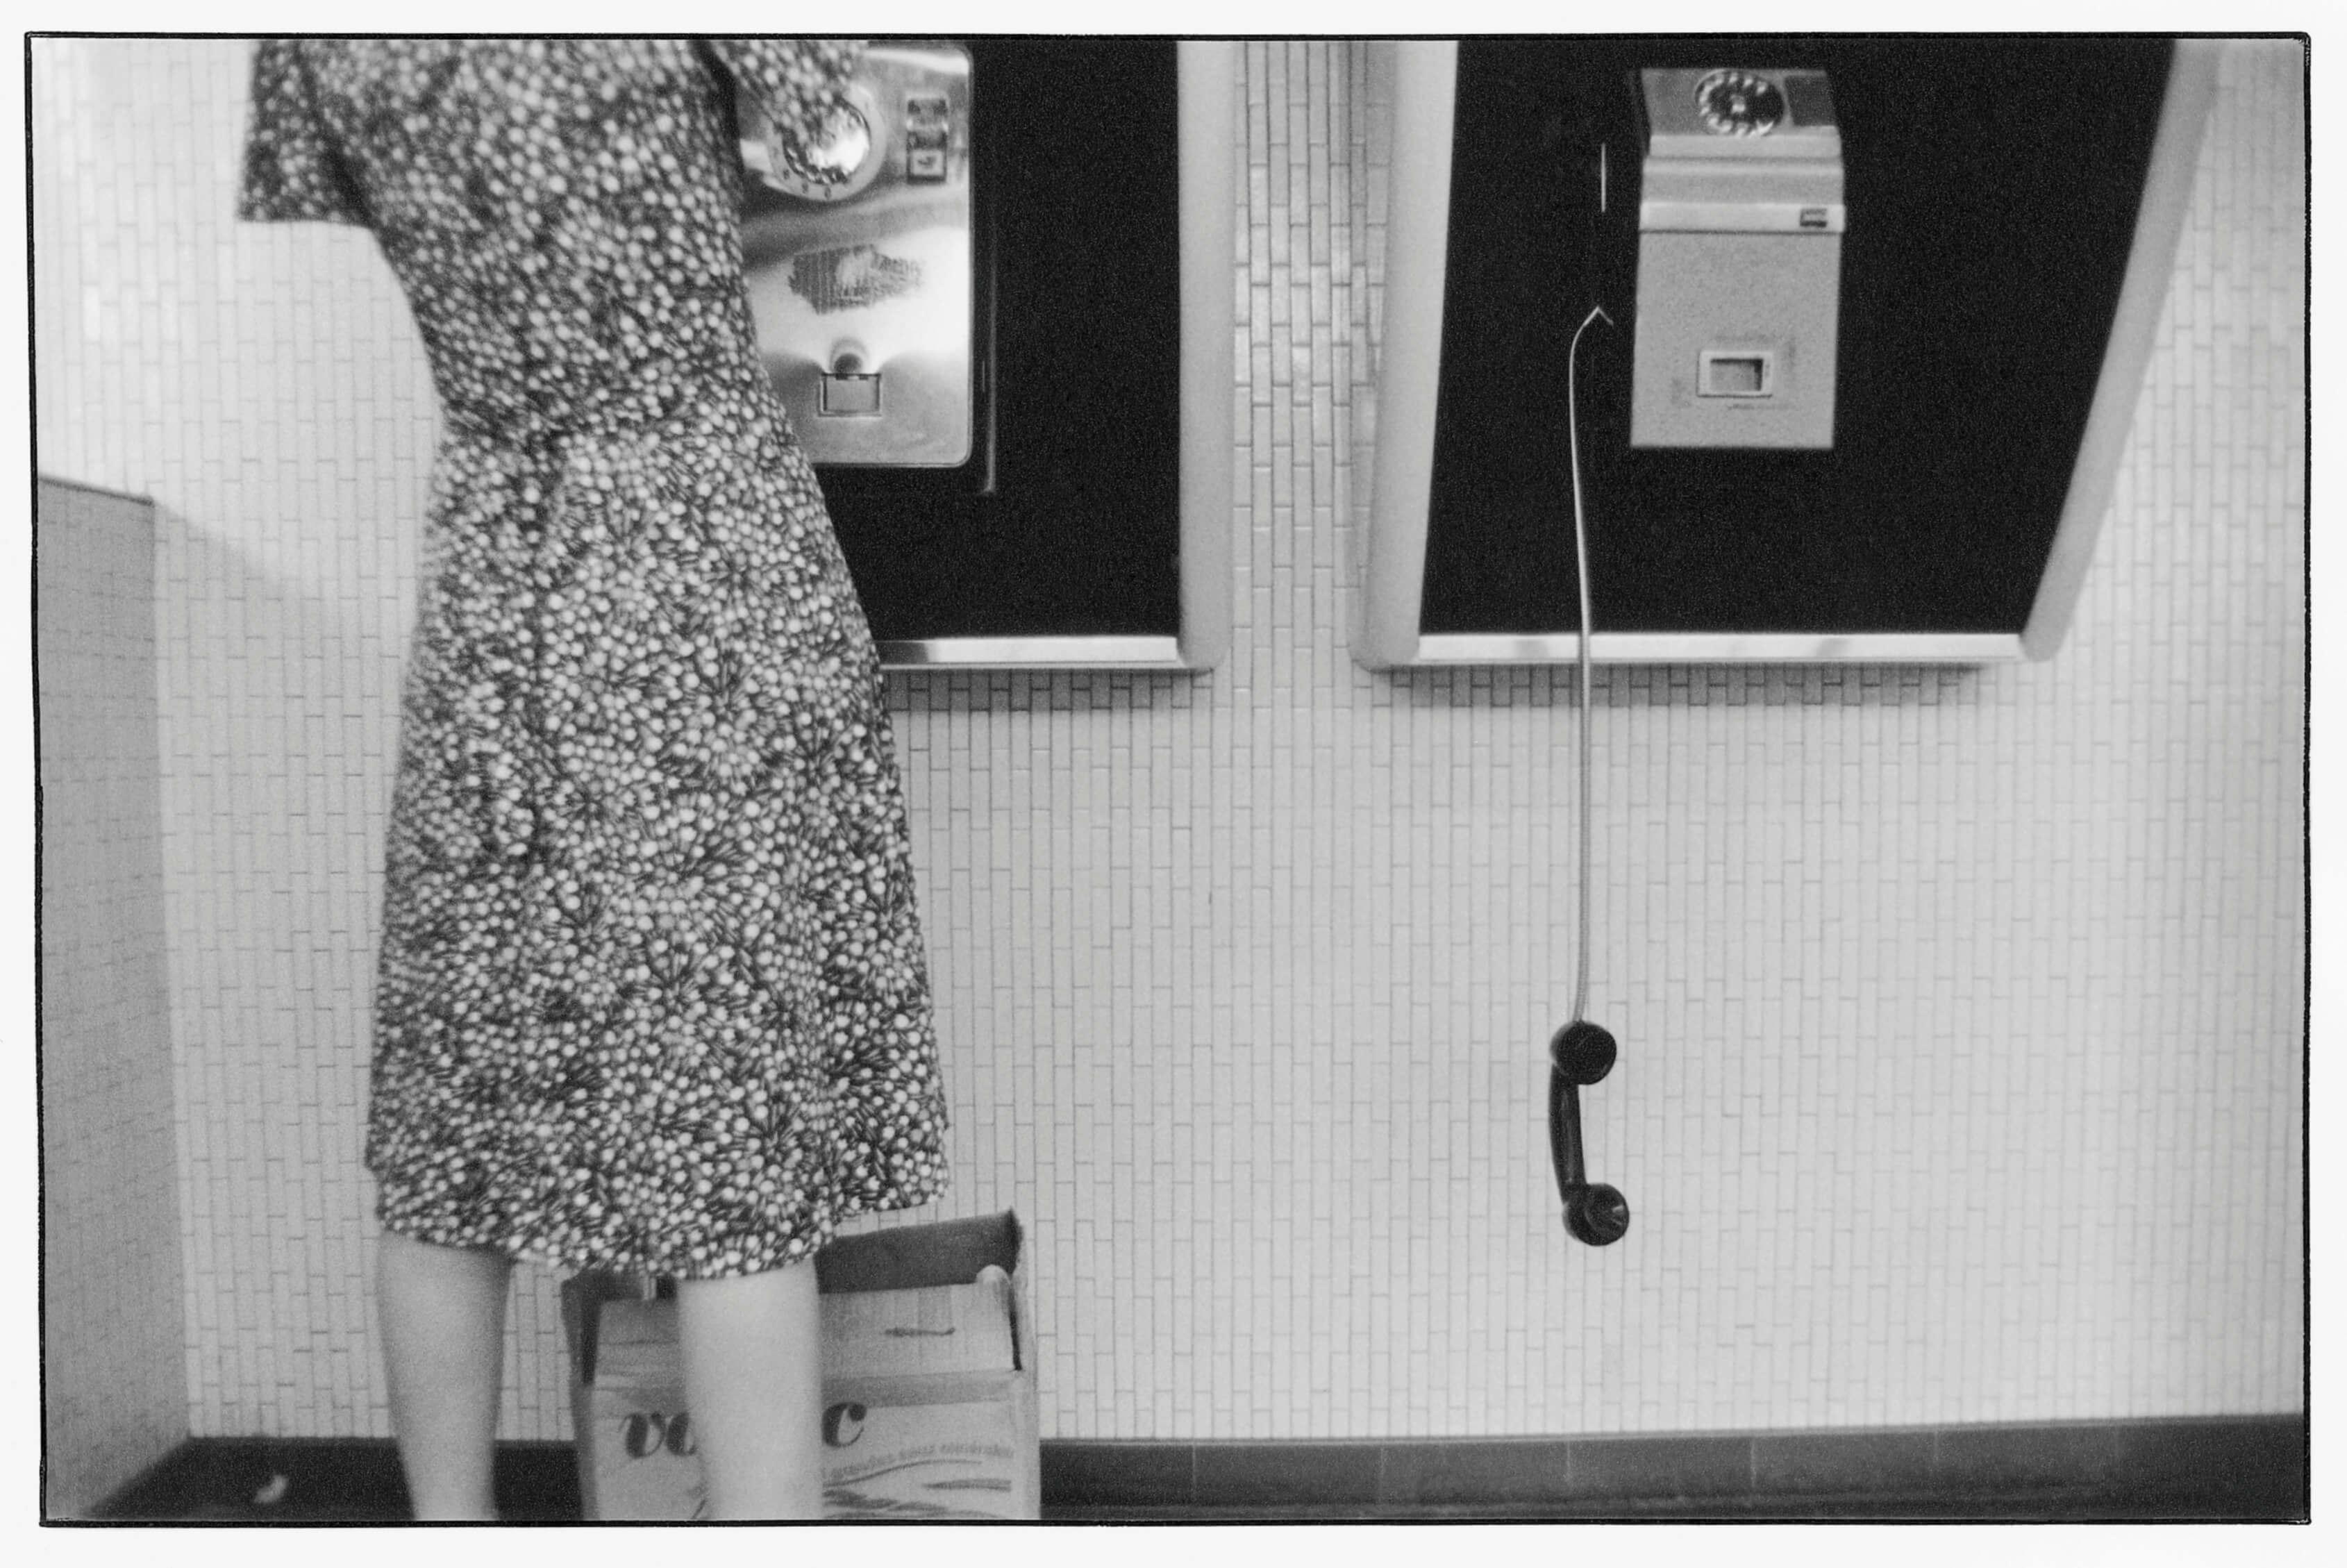 foto: Jiří Hanke (Pařížské Fragmenty 1979)